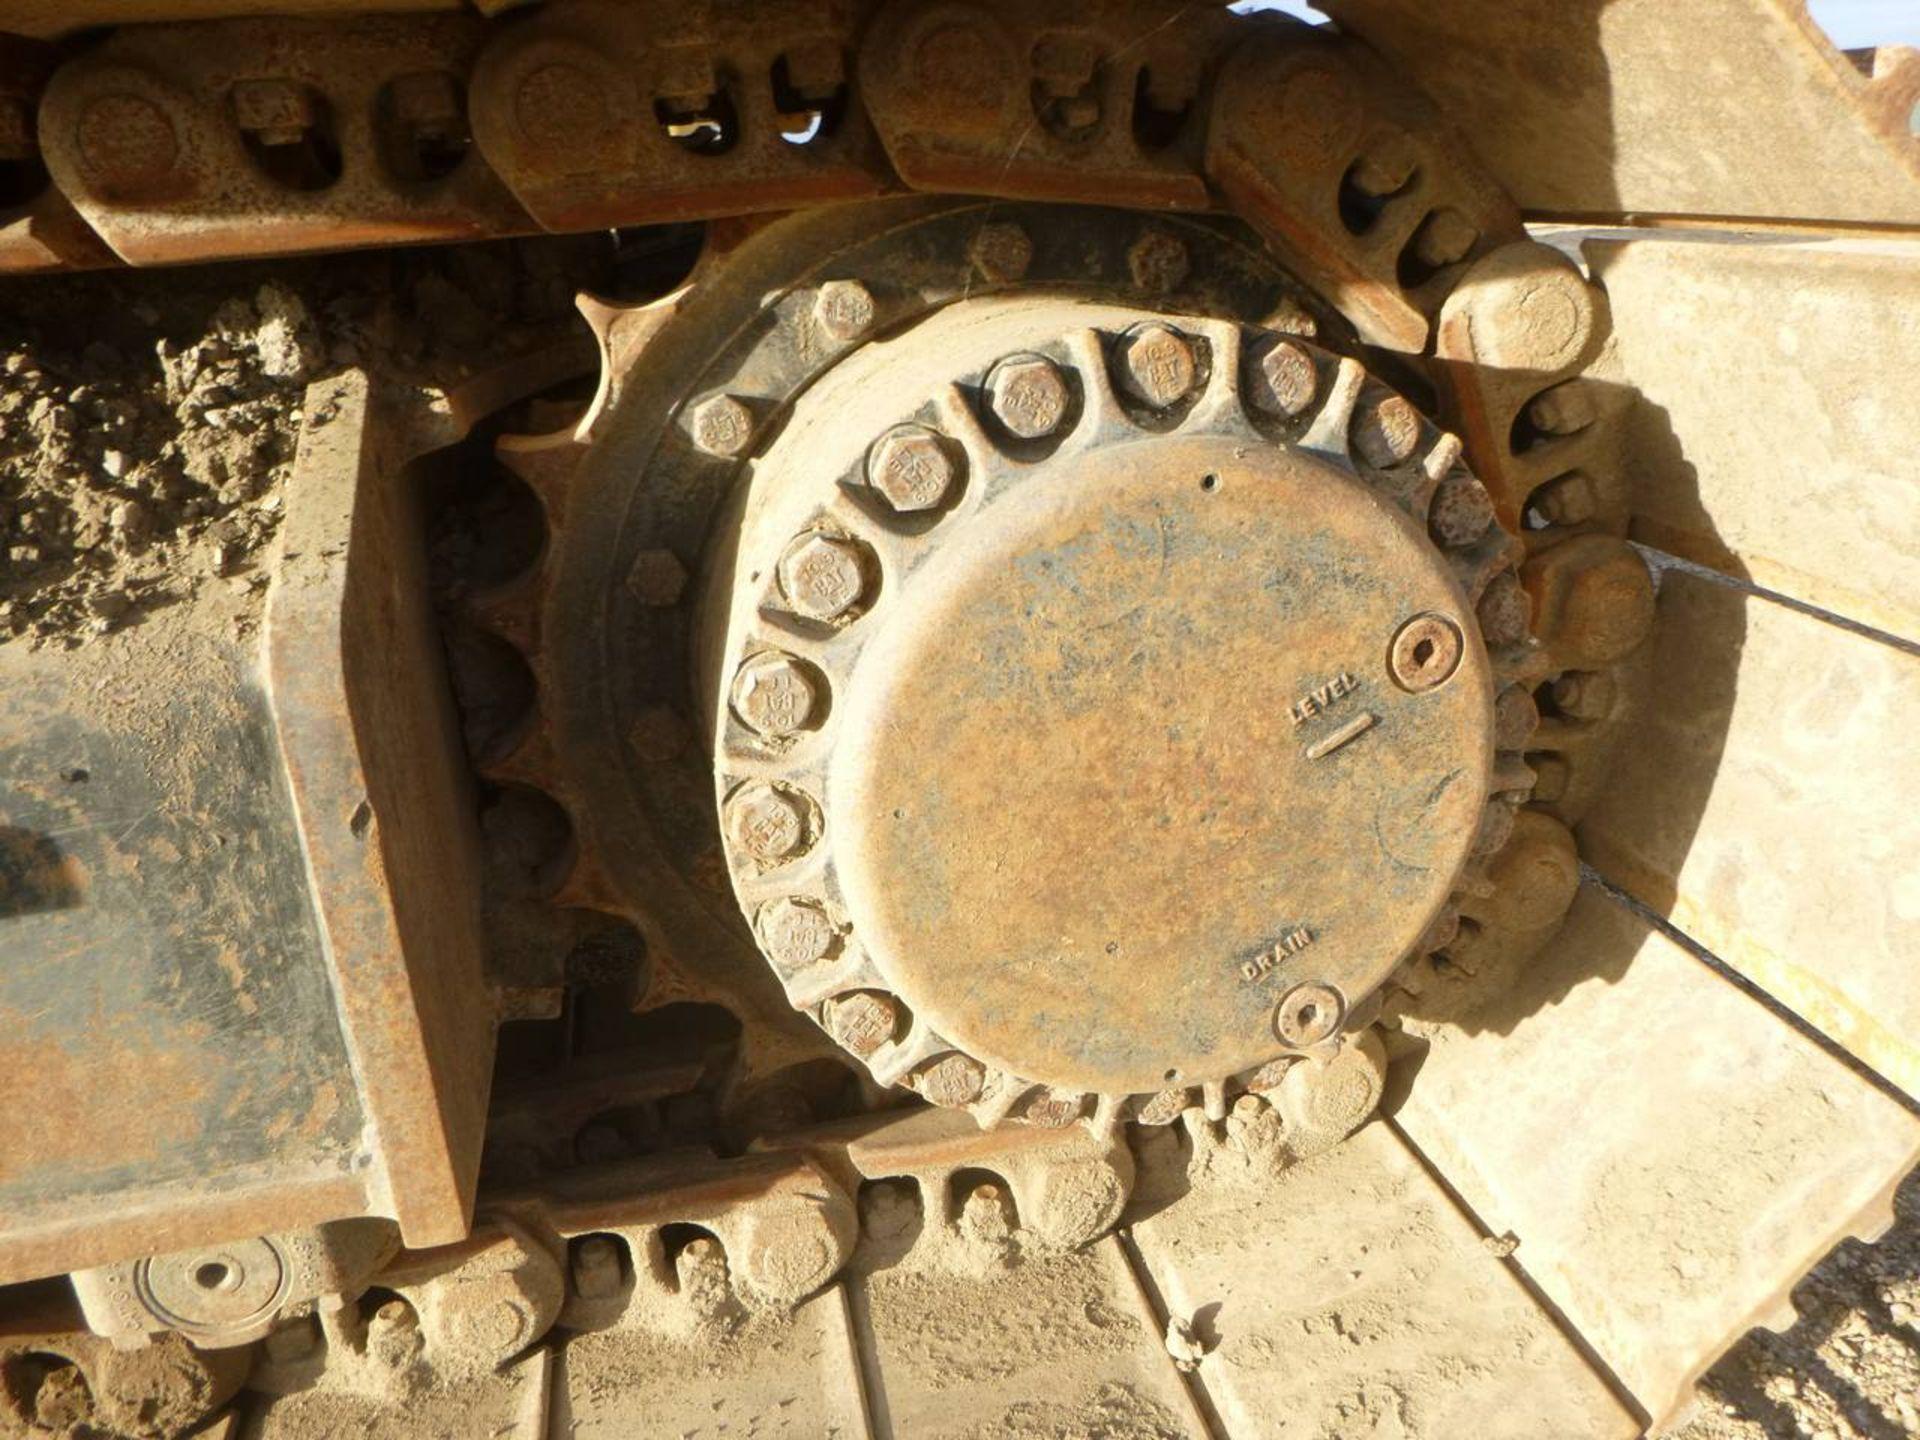 2010 Caterpillar 336D L Excavator - Image 7 of 13